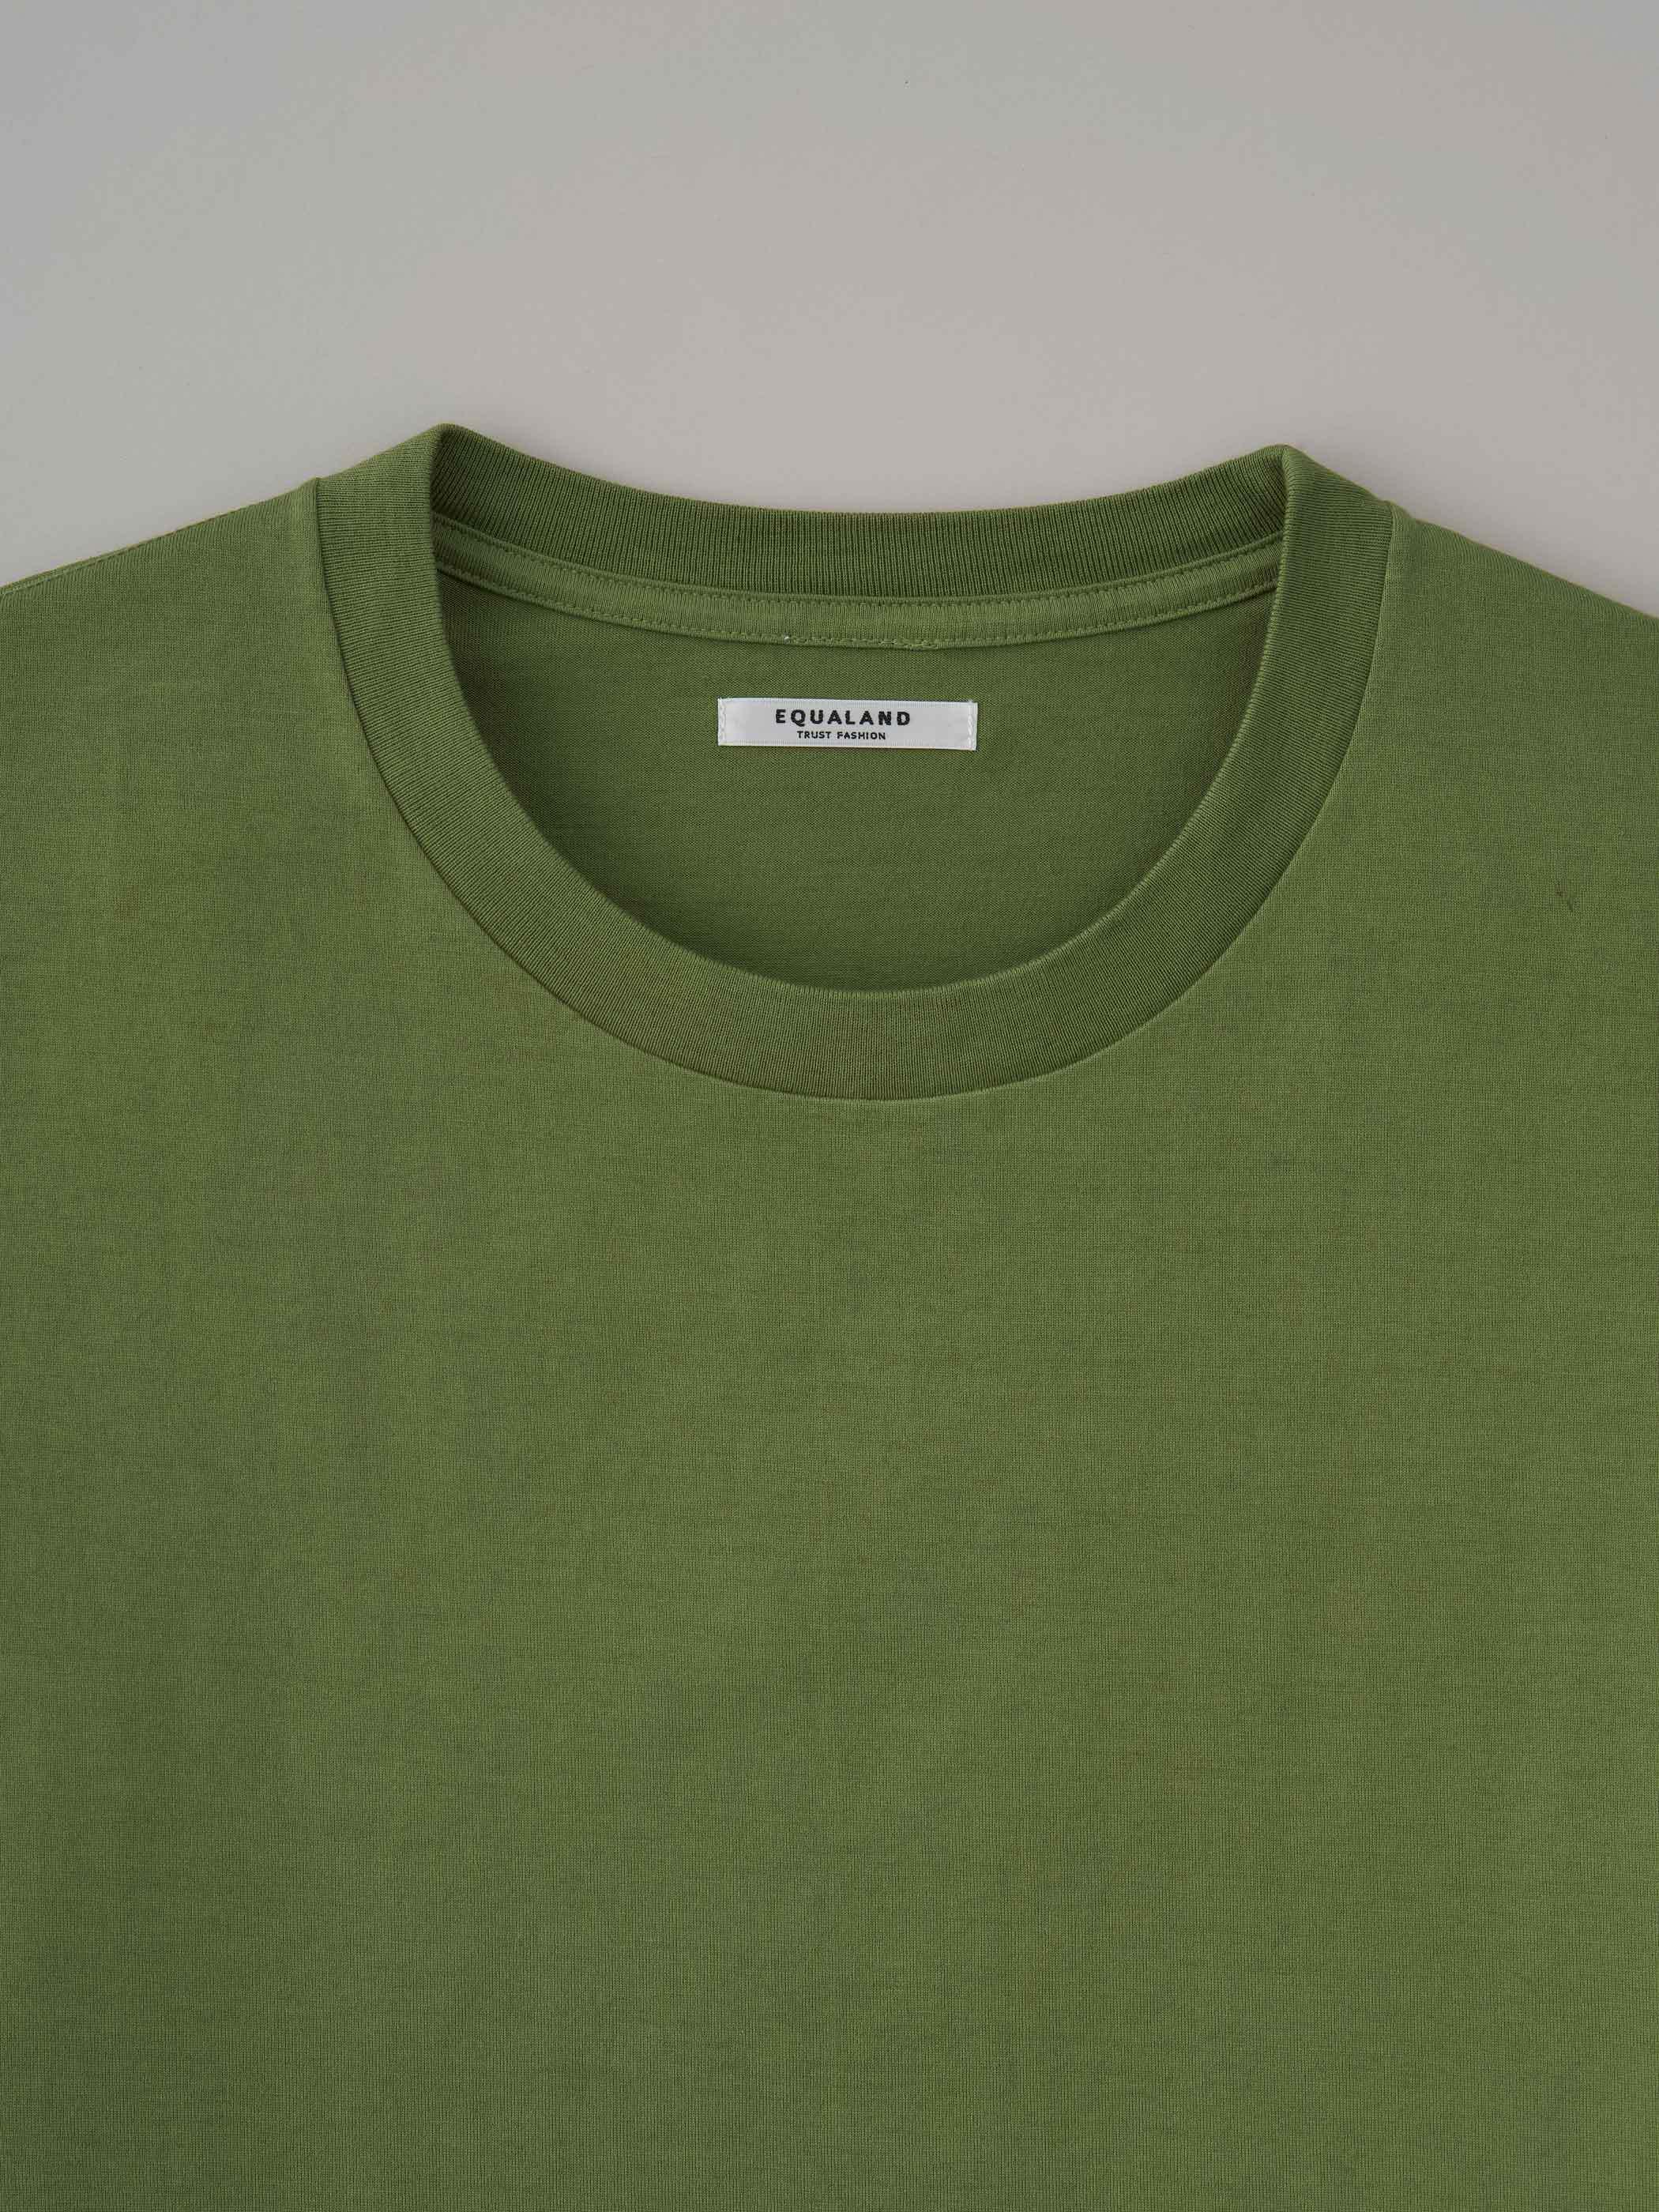 丸胴ロングスリーブTシャツ #09ケール